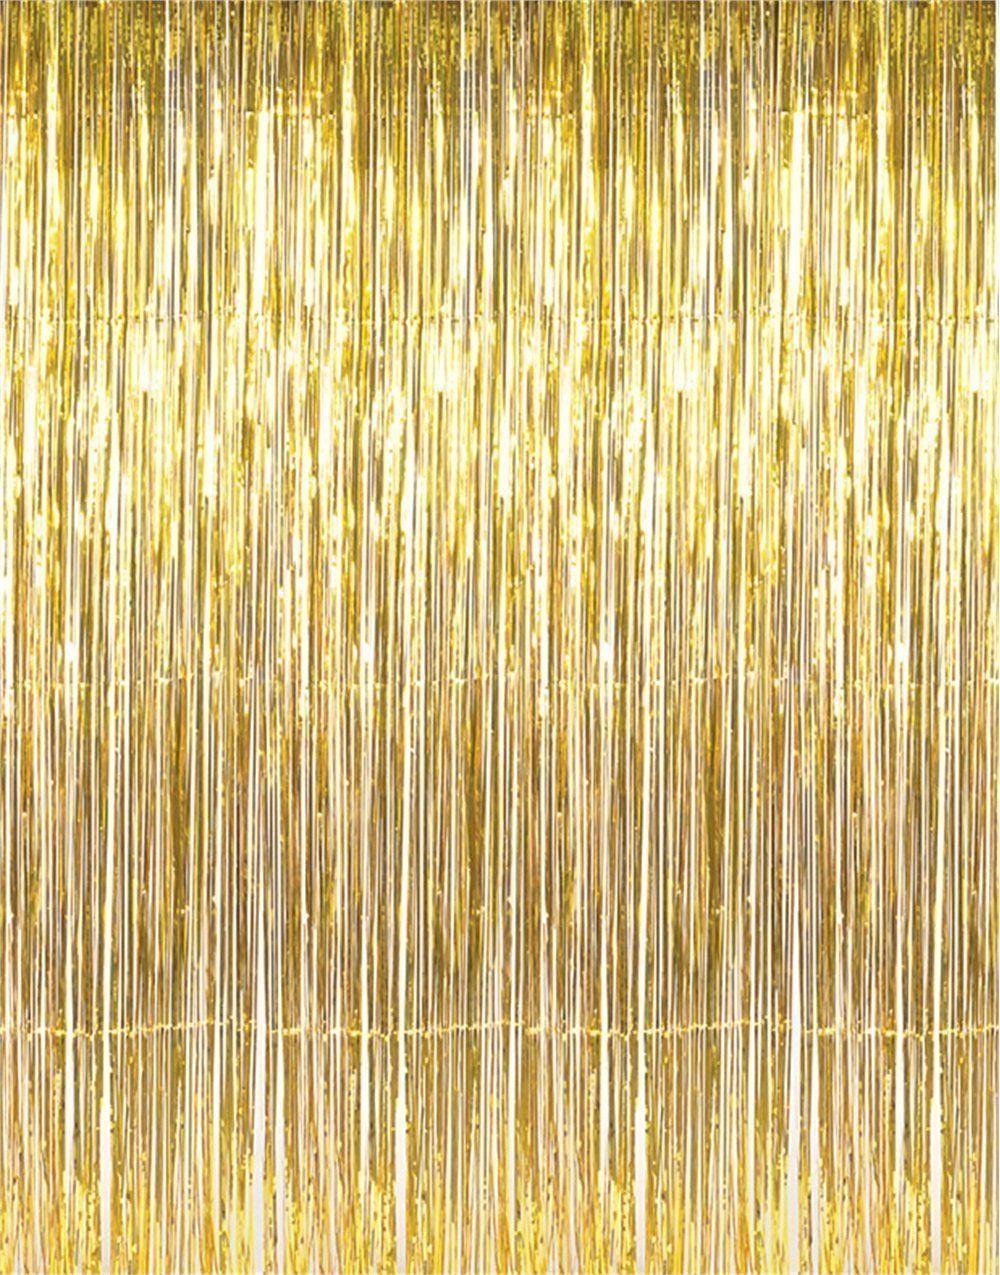 Metallic 3 ft X 8 ft. Gold Foil Fringe Curtains Door Window ...